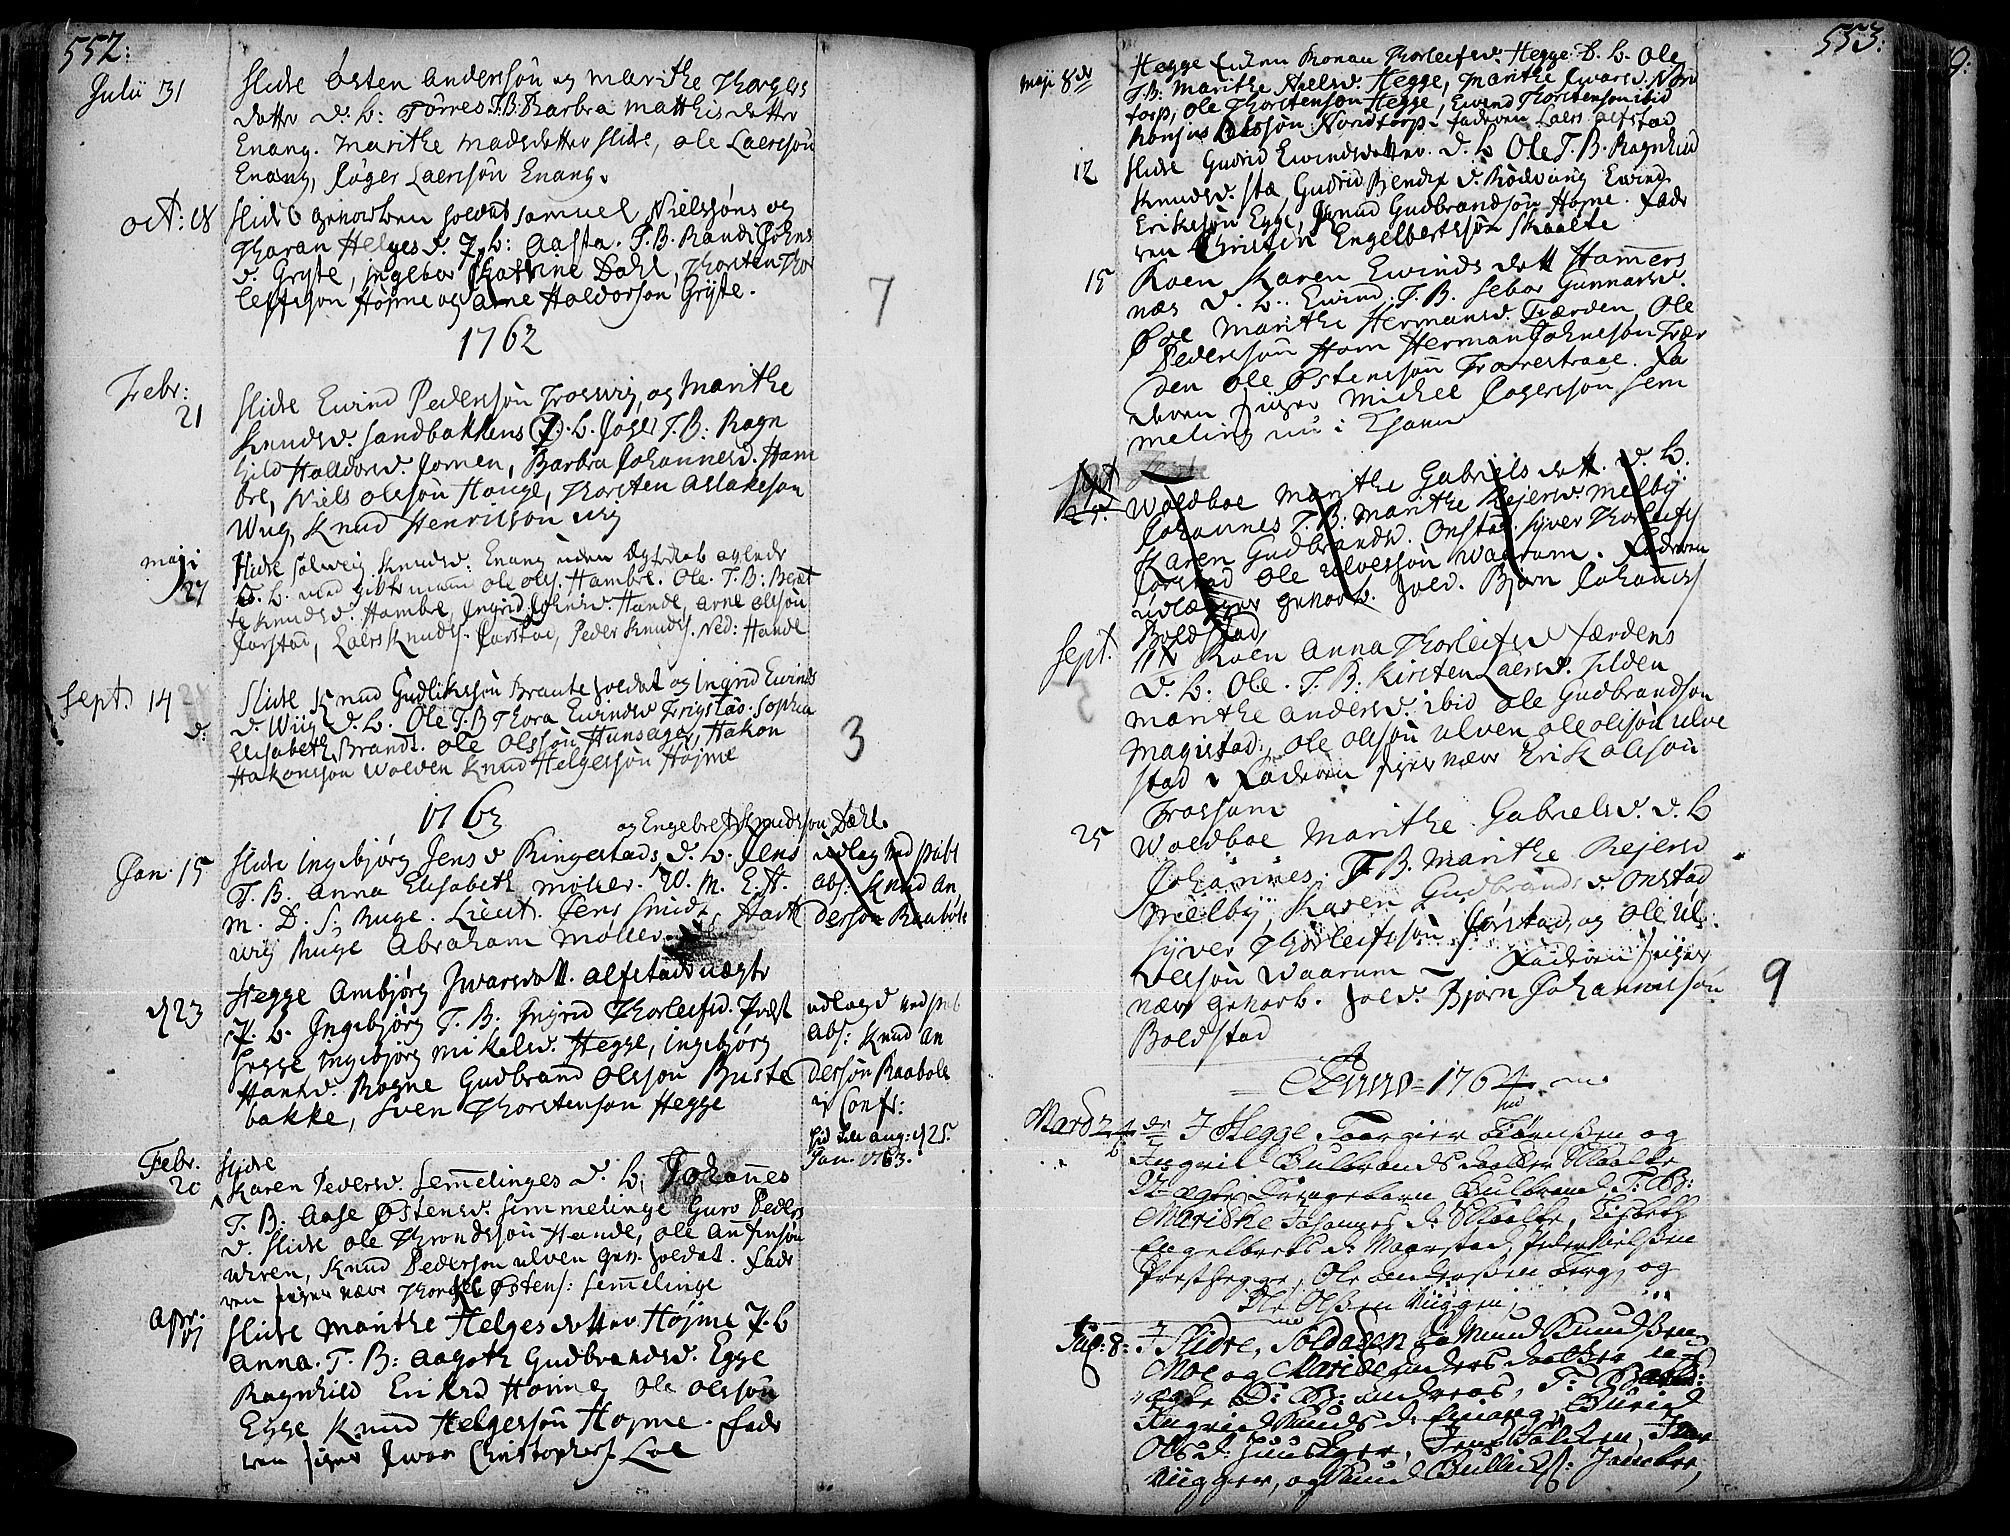 SAH, Slidre prestekontor, Ministerialbok nr. 1, 1724-1814, s. 552-553